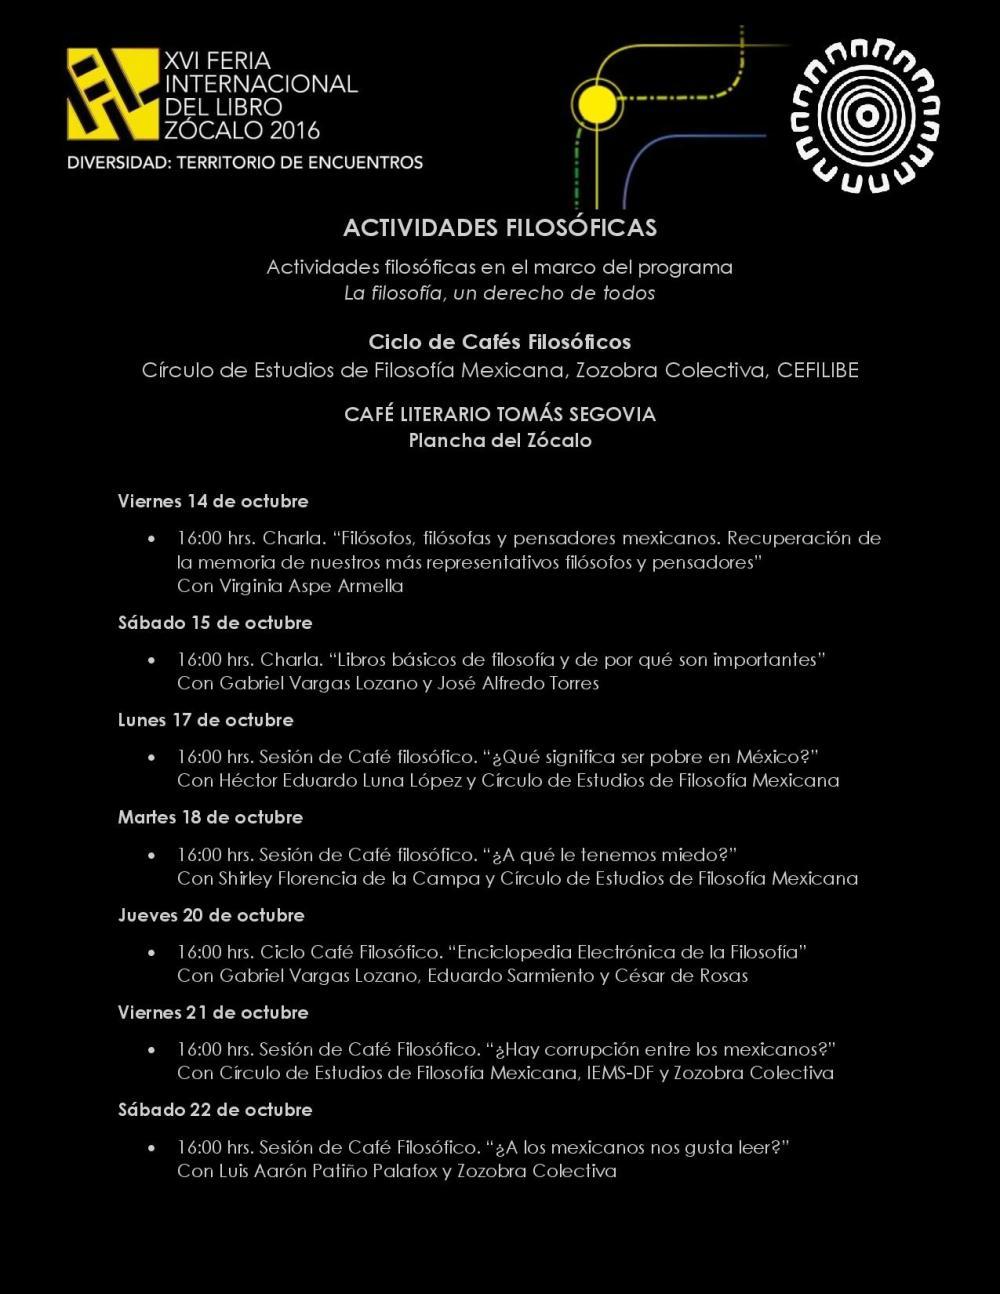 Ciclo Café Filosófico XVI Feria del libro del Zócalo-page-001.jpg